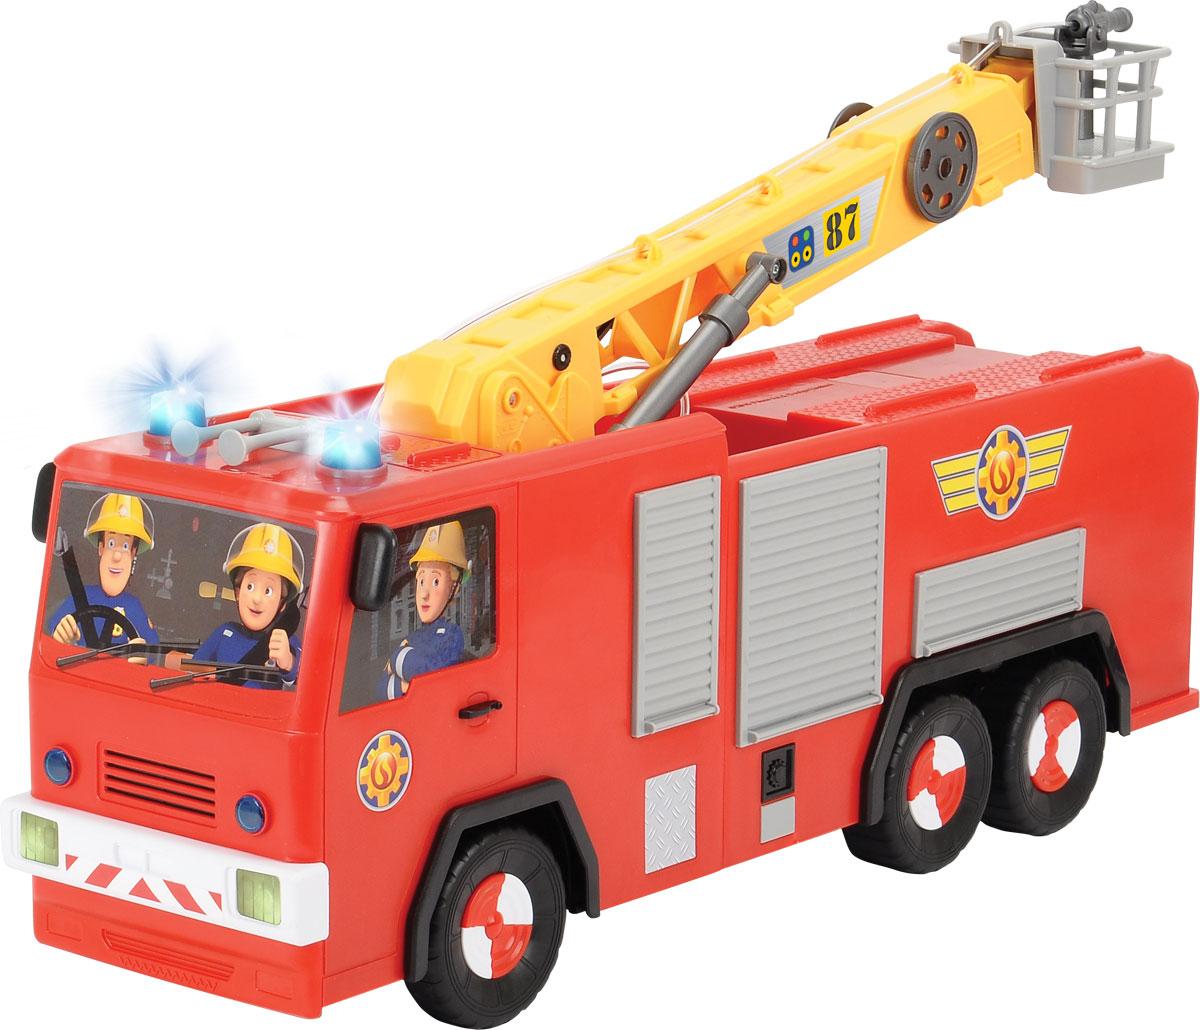 """Пожарная машина на дистанционном управлении Dickie Toys """"Юпитер"""" - аналог машинки из популярного мультфильма """"Пожарный Сэм"""" обязательно порадует вашего ребенка и подарит ему множество веселых игр и положительных эмоций. Выполненная из высококачественного безопасного пластика игрушка отличается большим размером и оснащена действующим водометом. Ребенок сможет залить в специально предназначенный резервуар настоящую воду и тушить воображаемые пожары. Машина может двигаться вперед, назад, вправо, влево, останавливаться. Кран машины поднимается и поворачивается вокруг своей оси. Машинка управляется при помощи пульта дистанционного управления (в комплекте). Пульт присоединен с помощью провода; игра с краном осуществляется только на расстоянии, равном длине провода. Порадуйте своего малыша таким замечательным подарком! Для работы игрушки необходимы 6 батареек АА напряжением 1,5V (в комплект входят 2 демонстрационные)."""